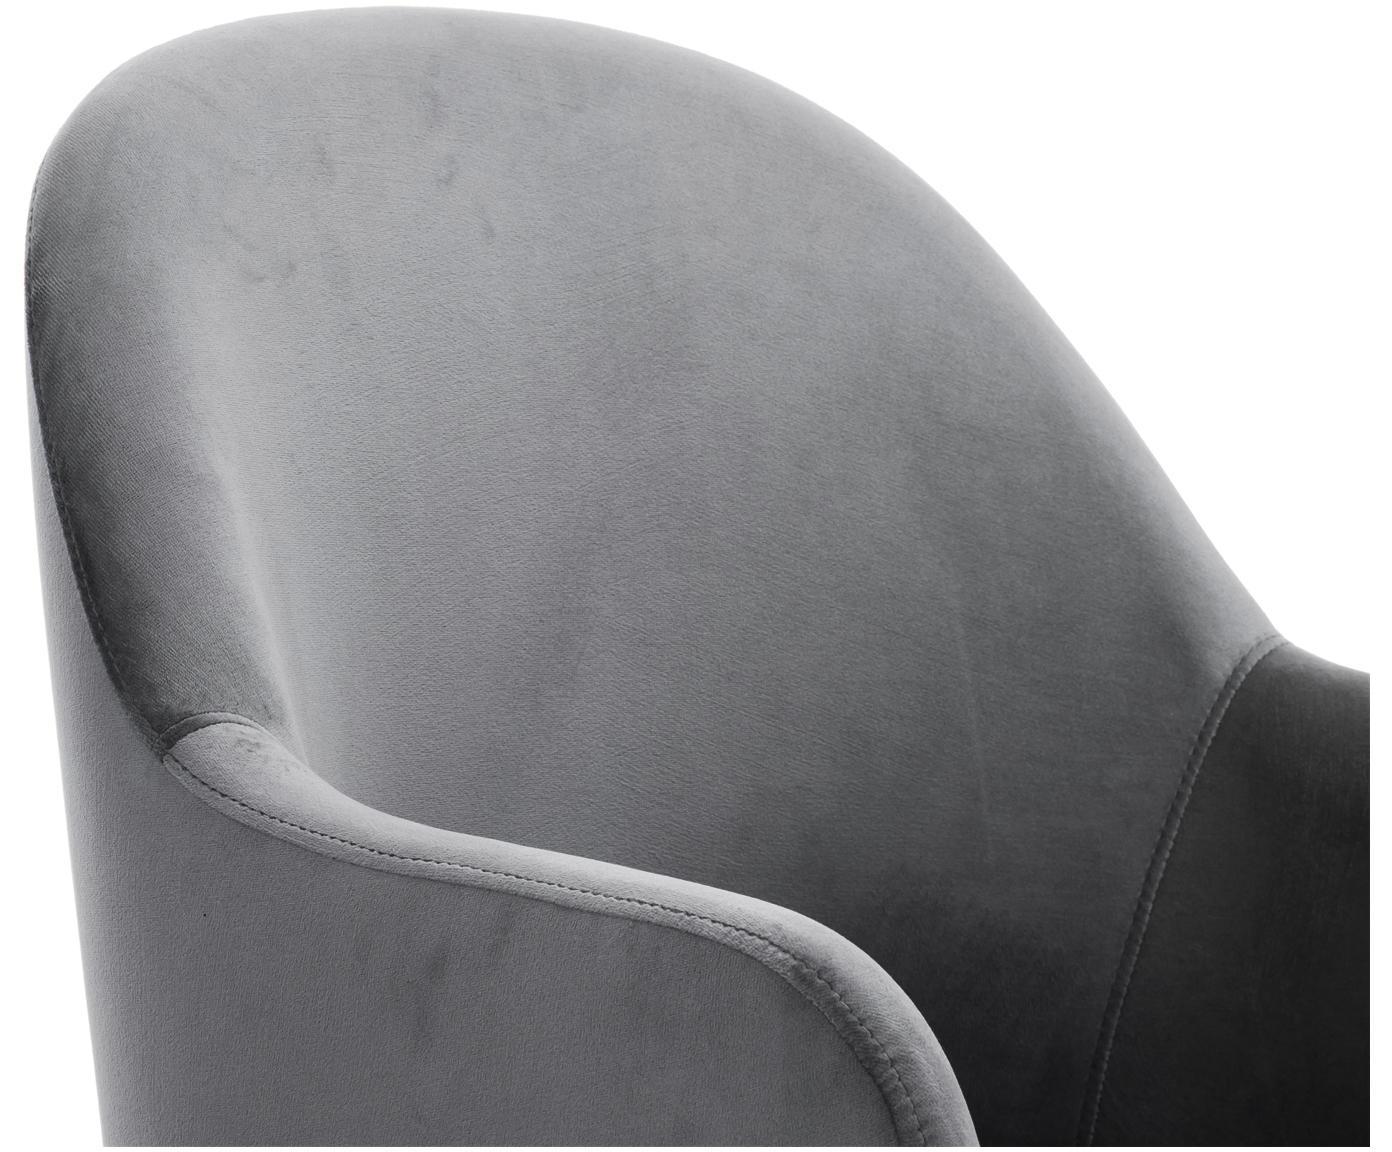 Fluwelen armstoel Rachel, Bekleding: fluweel (polyester), Poten: gepoedercoat metaal, Staalgrijs, B 47 x D 64 cm